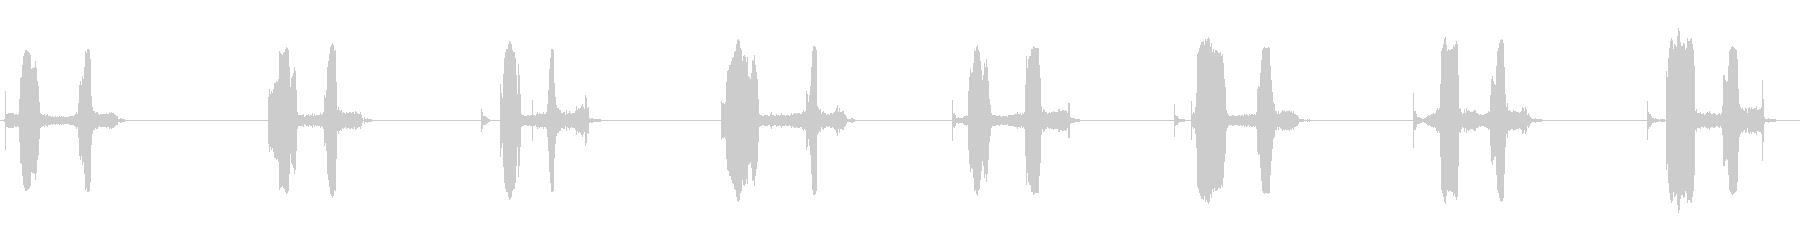 フェルトチップマーカー:円形ストロ...の未再生の波形